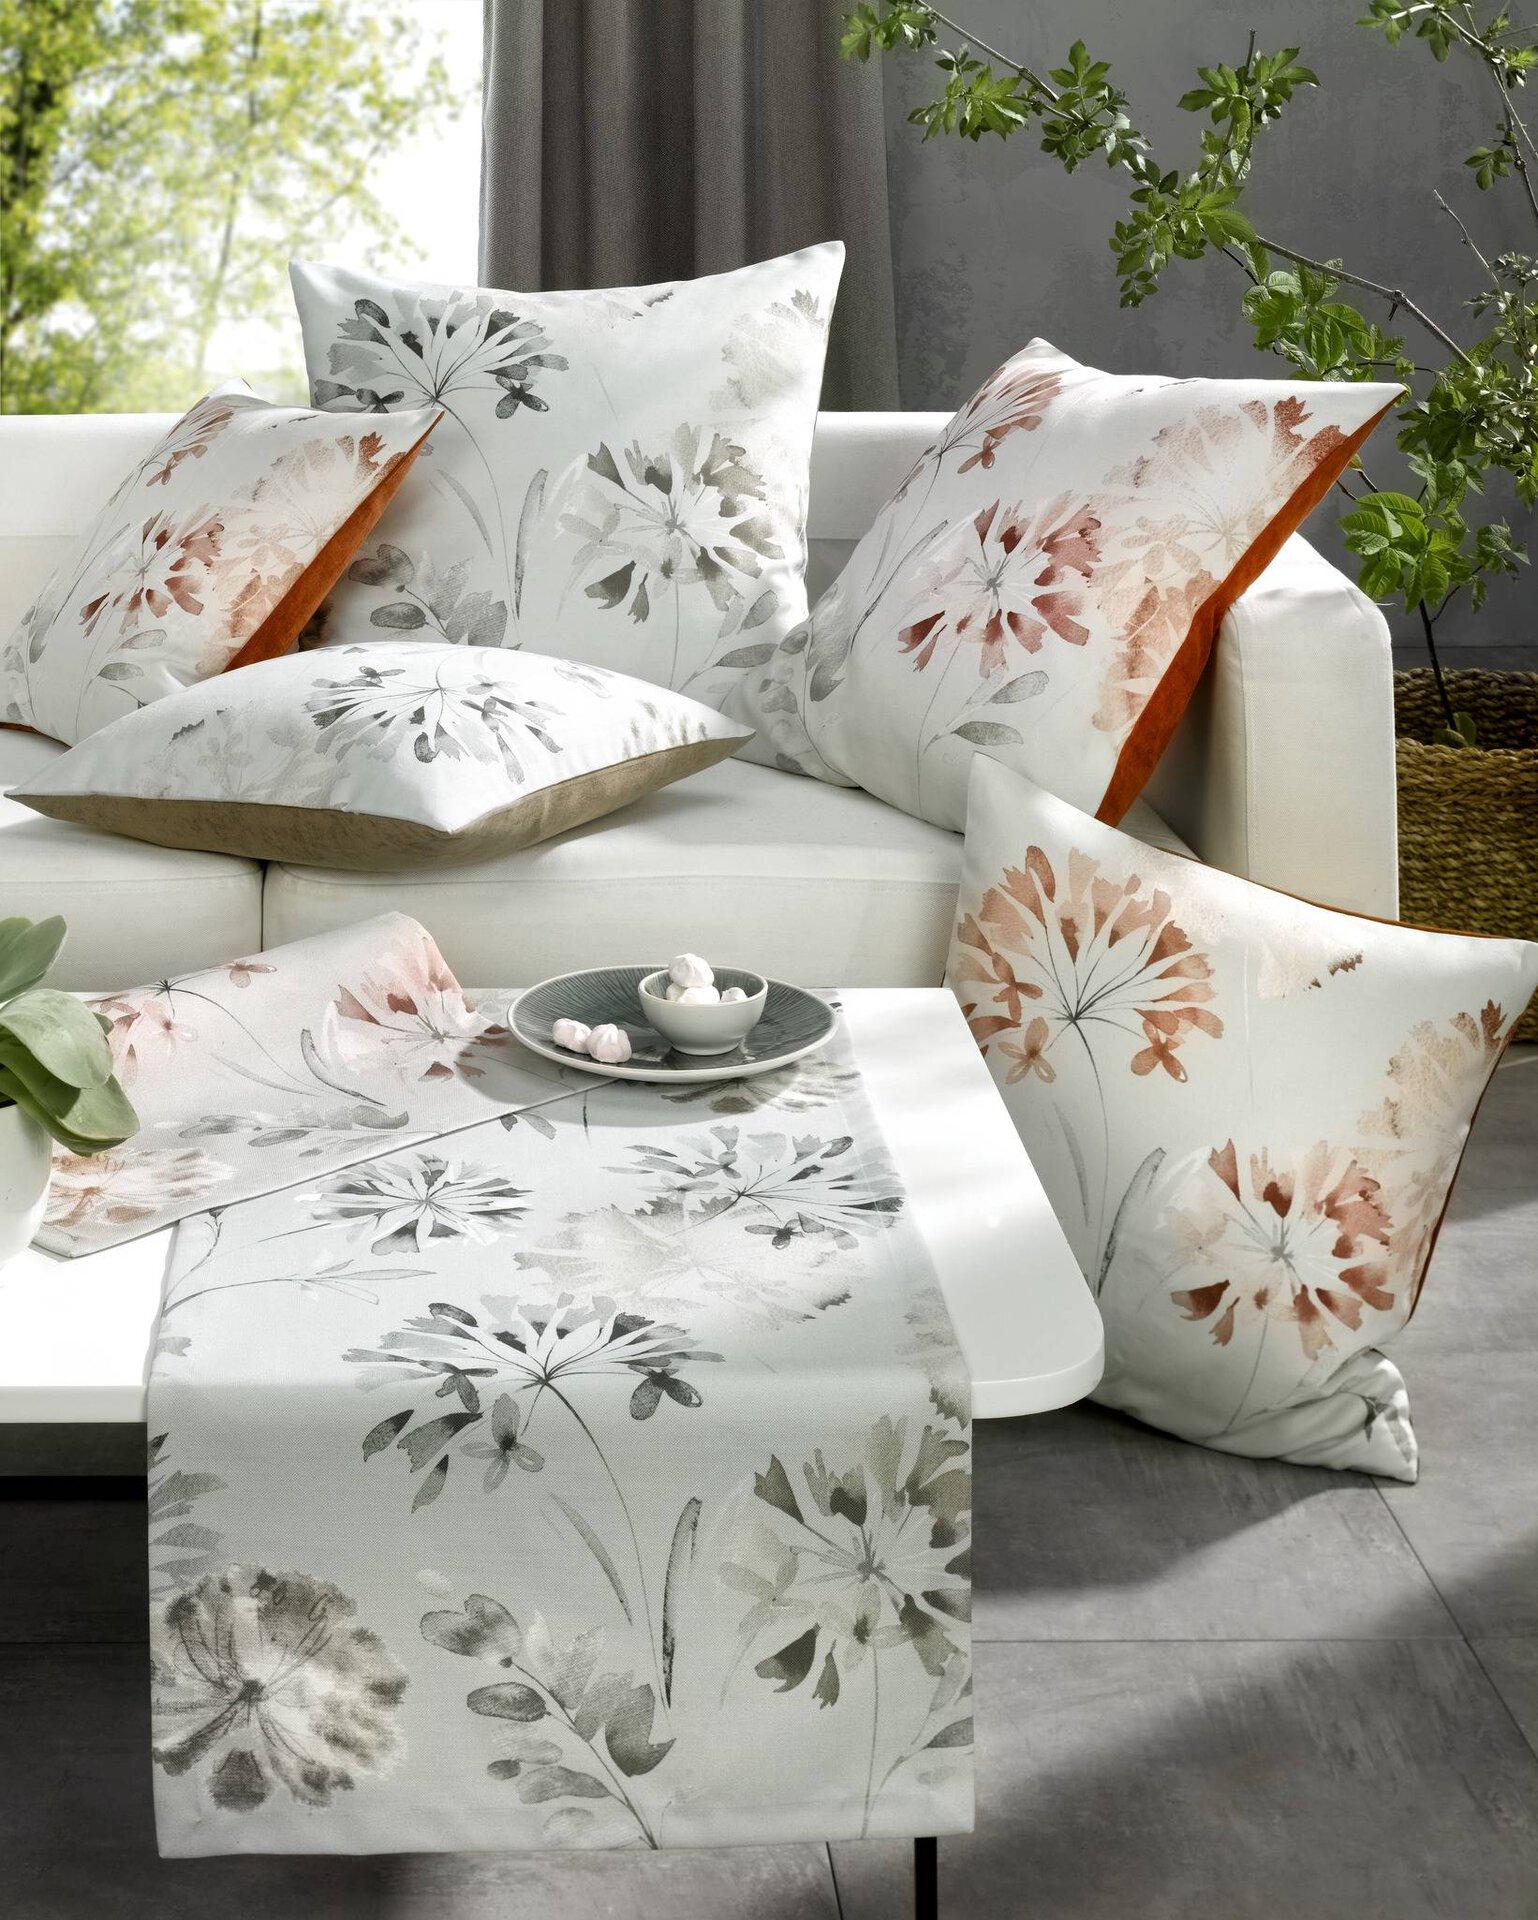 Tischläufer Carina Ambiente Trendlife Textil mehrfarbig 40 x 140 cm